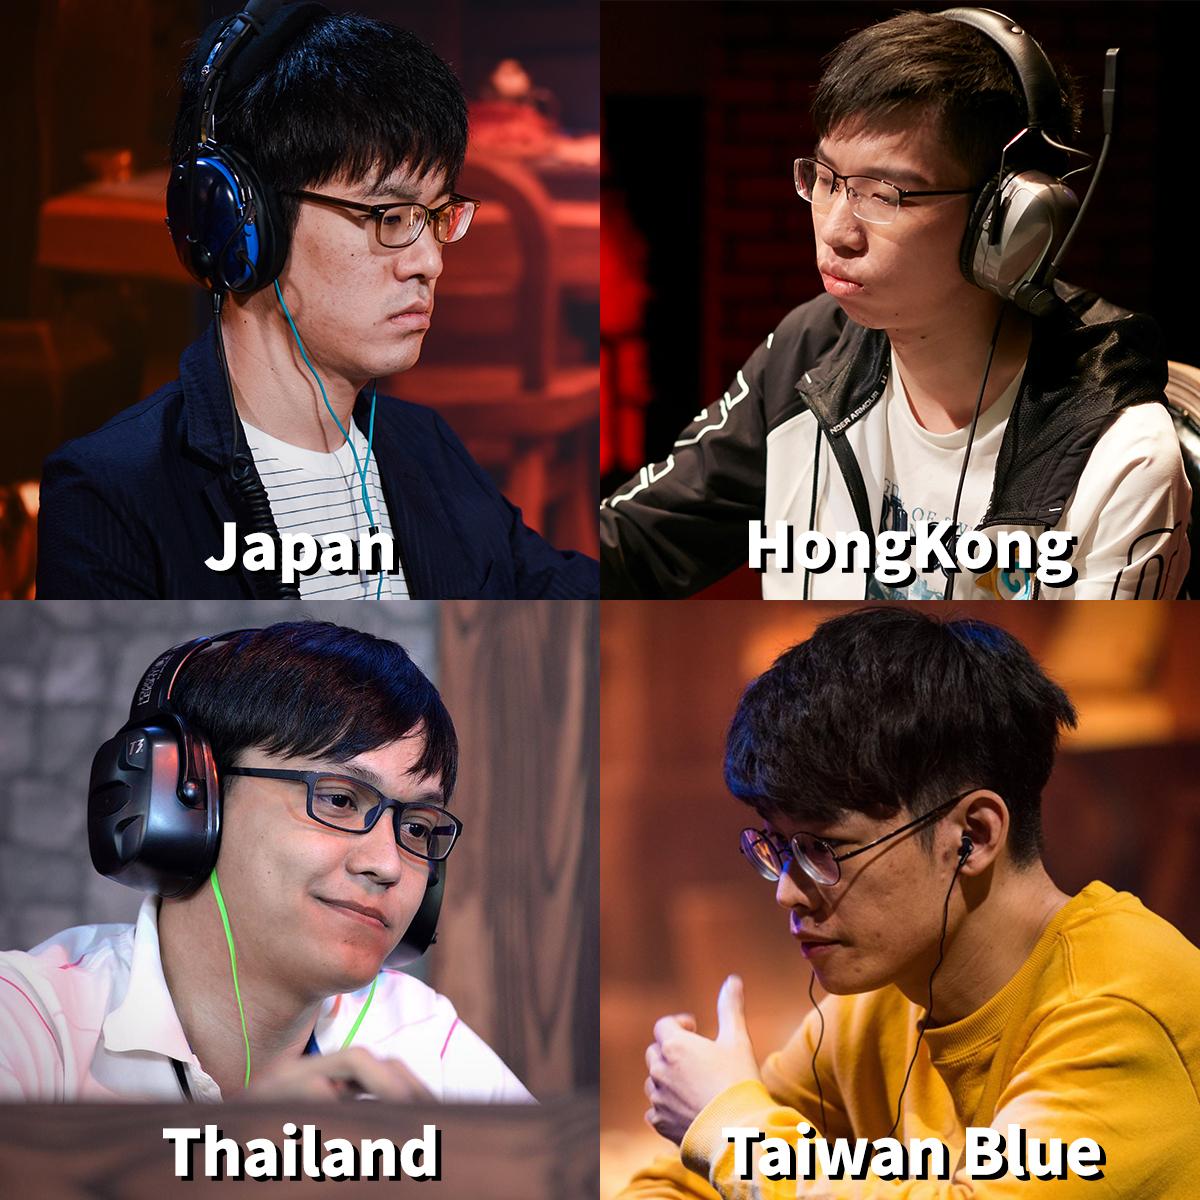 ▲《爐石戰記》四強隊伍:日本、香港、泰國、台灣藍。